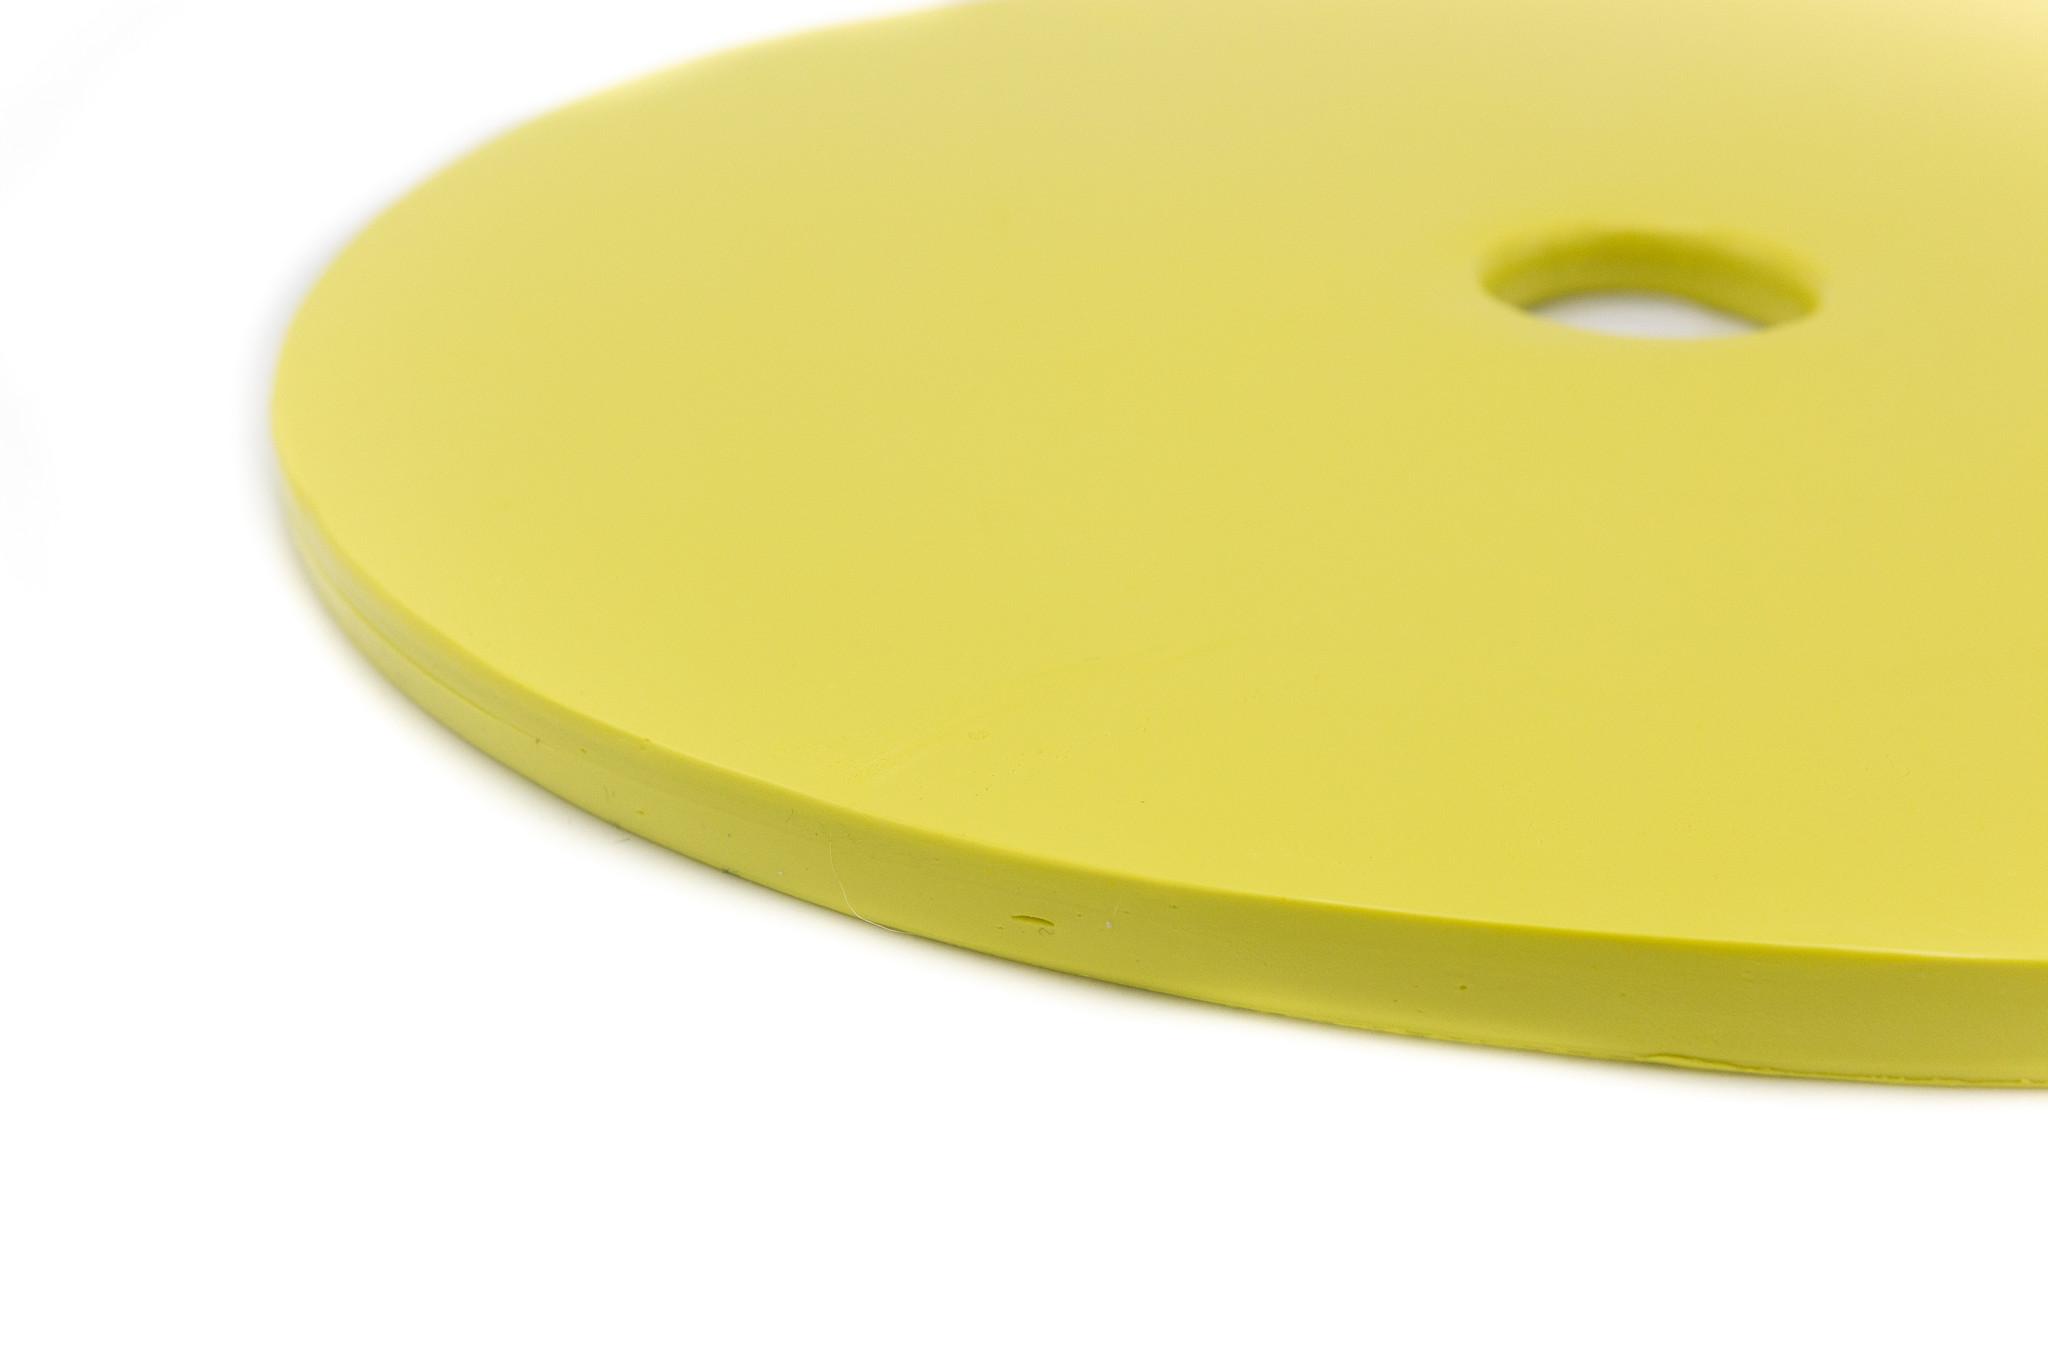 DTR Gele Silicone - Nicem  90°  55 sh 1+1 schijf